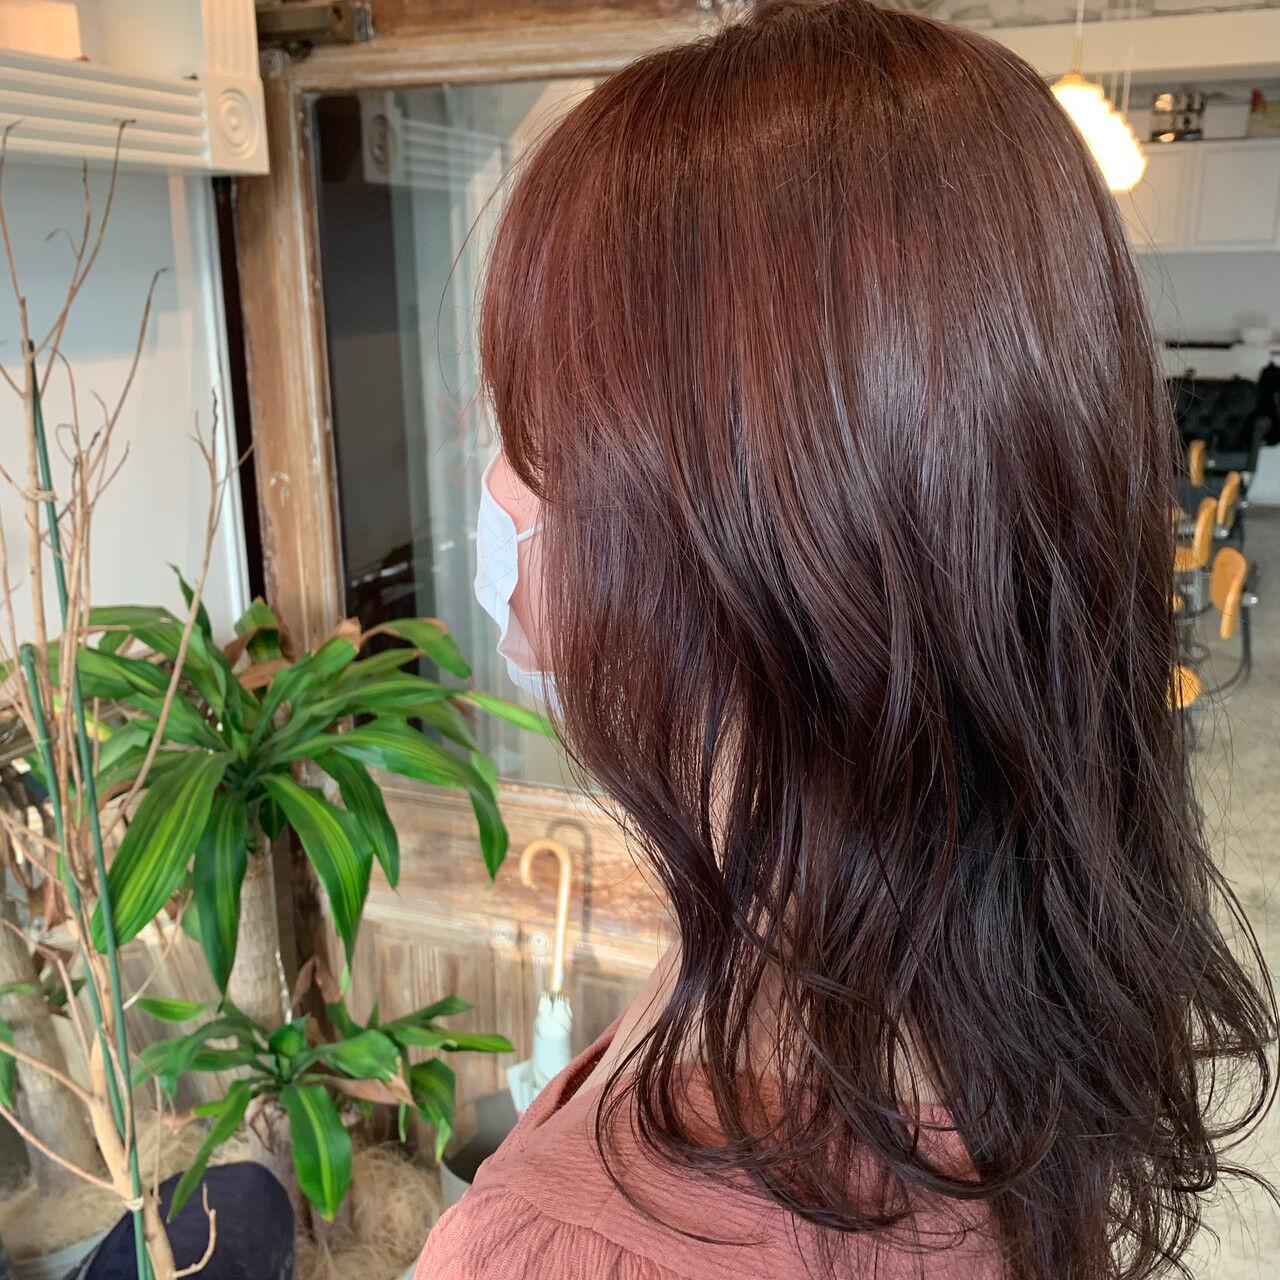 ナチュラル セミロング 透明感カラー 大人可愛いヘアスタイルや髪型の写真・画像